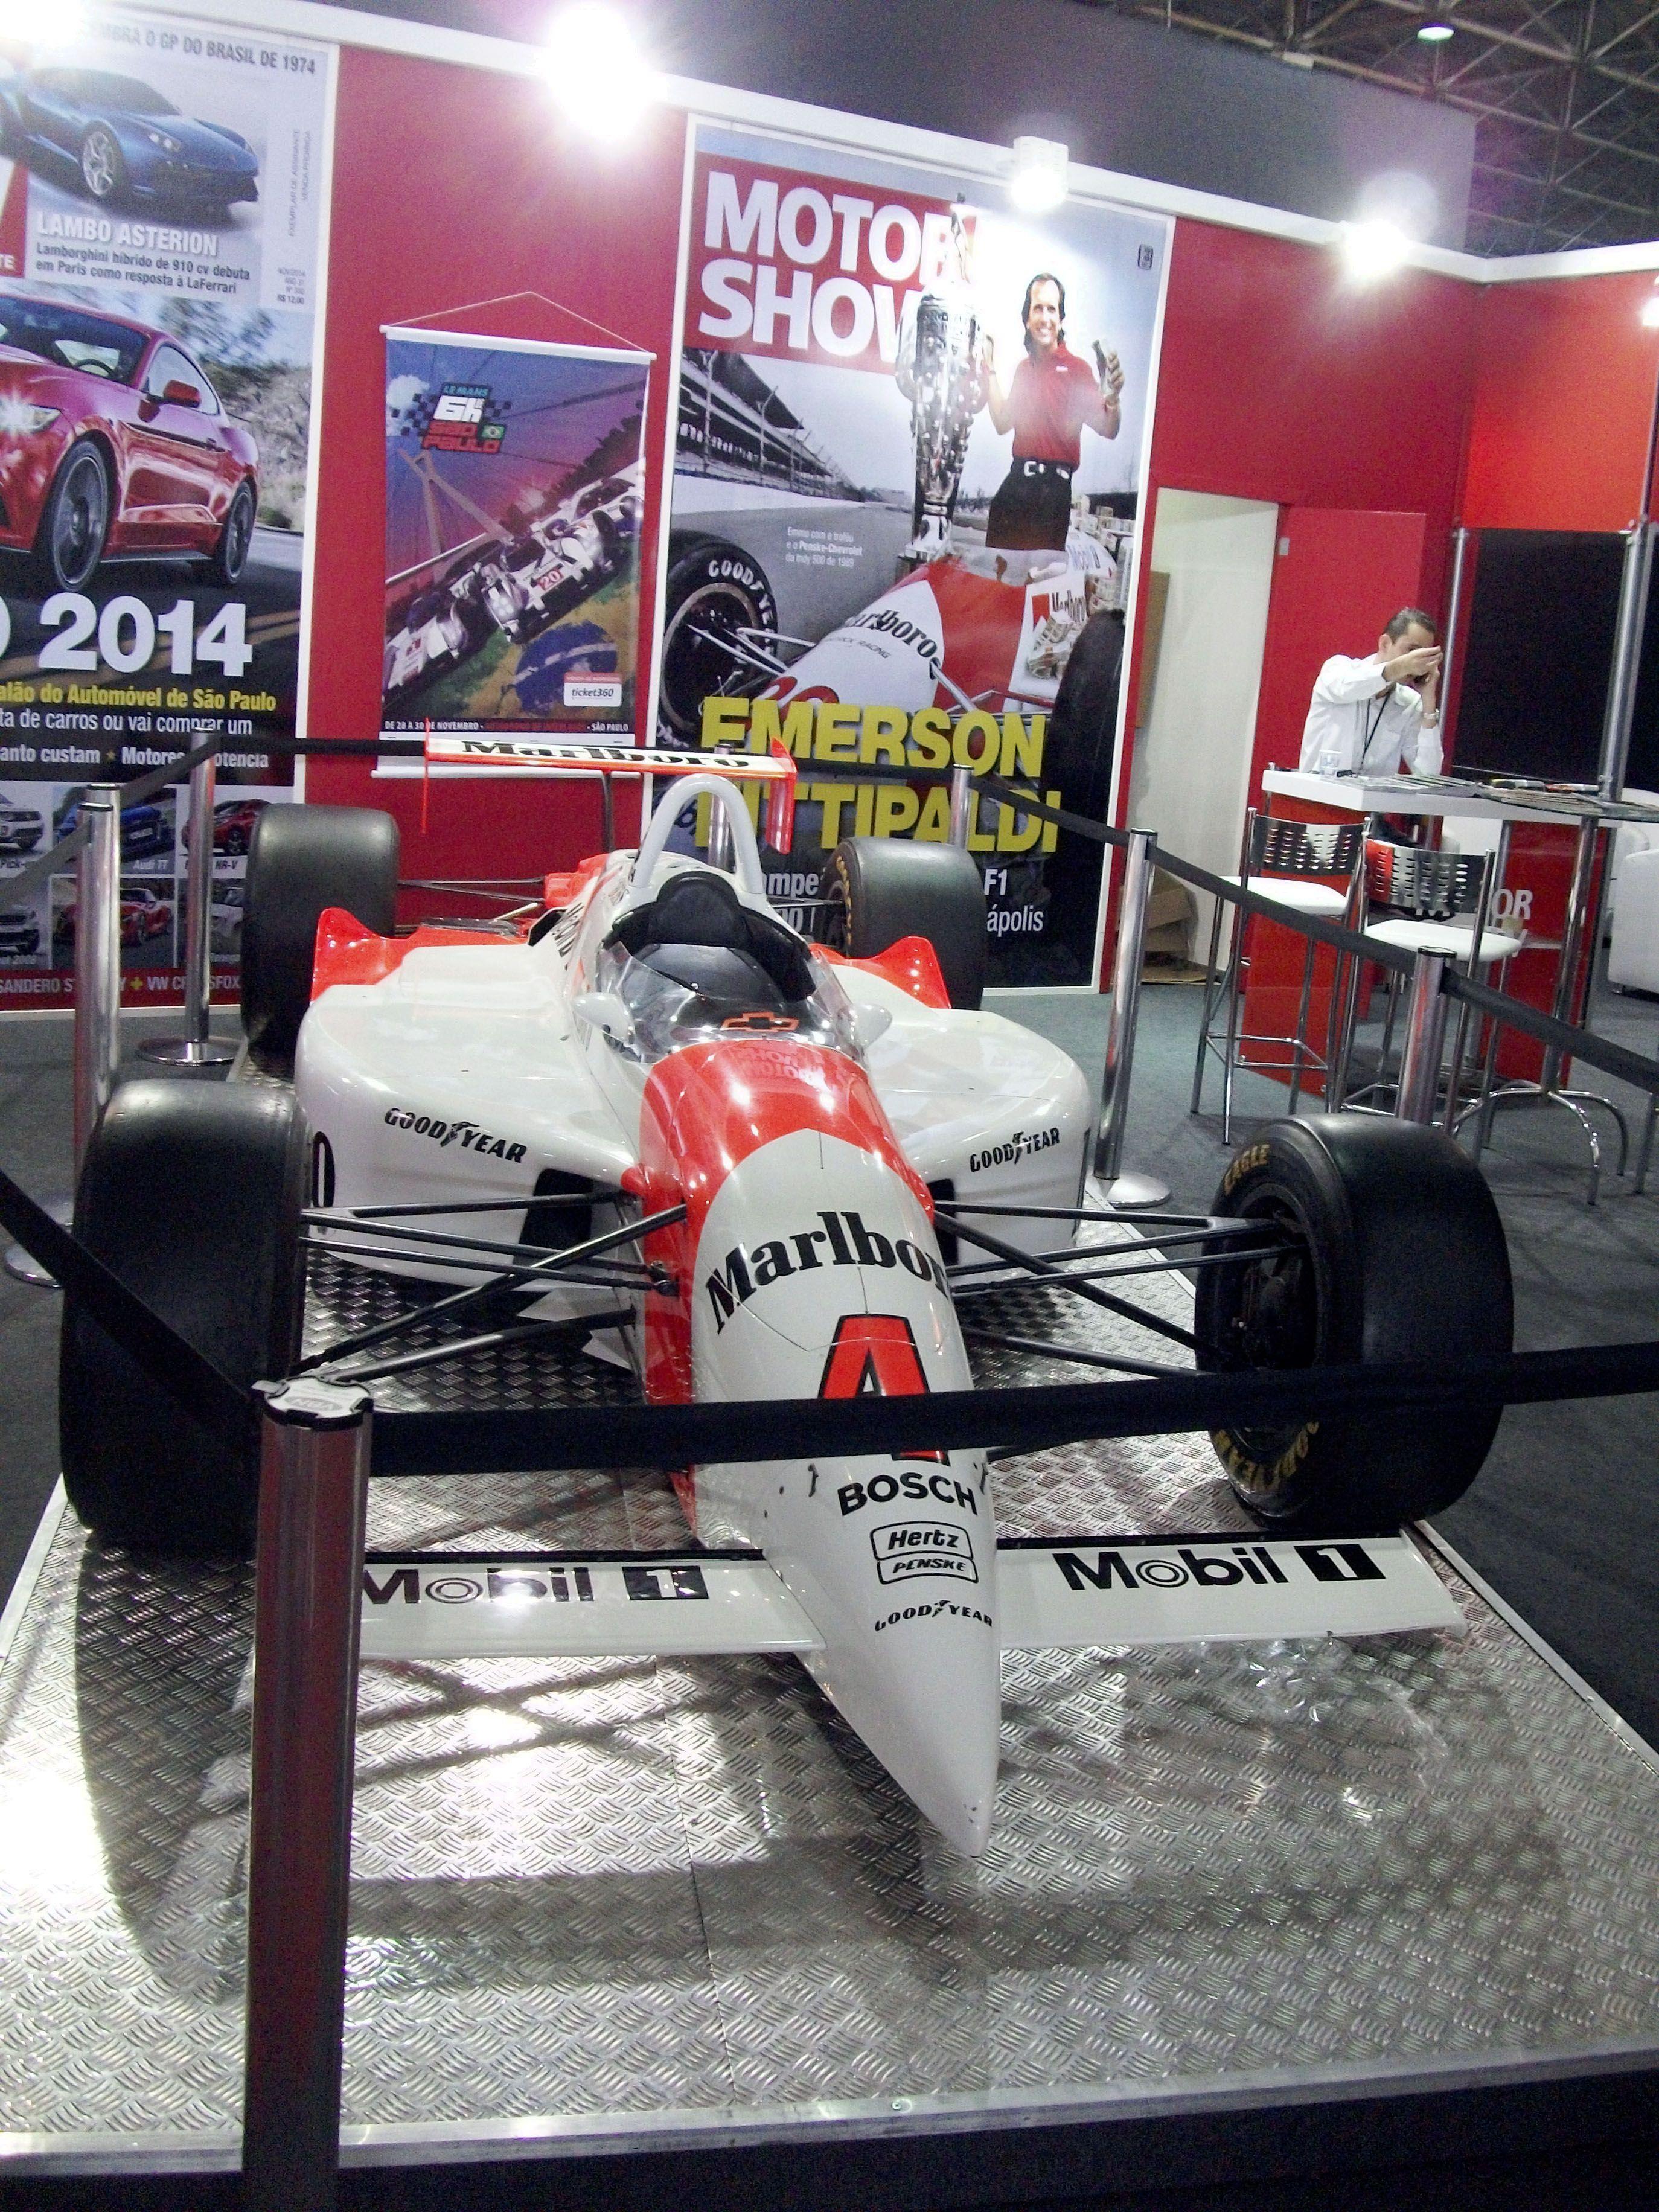 Penske Chevrolet  PC22 Carro pilotado por Emerson Fittipaldi, vencedor das 500 Milhas de Indianápolis de 1993.